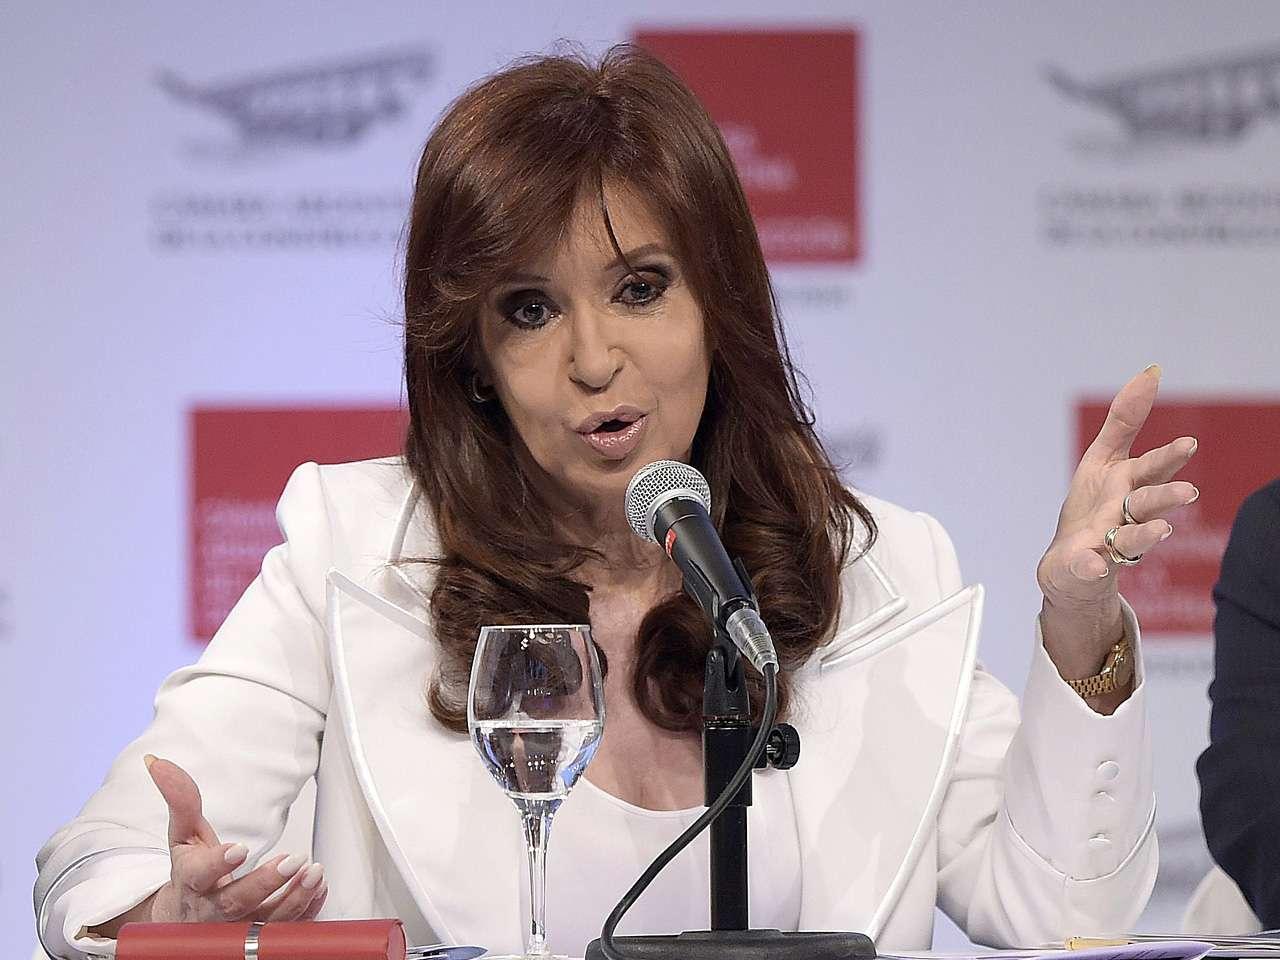 Fernández, que concluirá en diciembre de 2015 su segundo y último mandato consecutivo, fue hospitalizada el 2 de noviembre y permaneció una semana ingresada, tras lo cual los médicos le recomendaron reposo. Foto: AFP en español